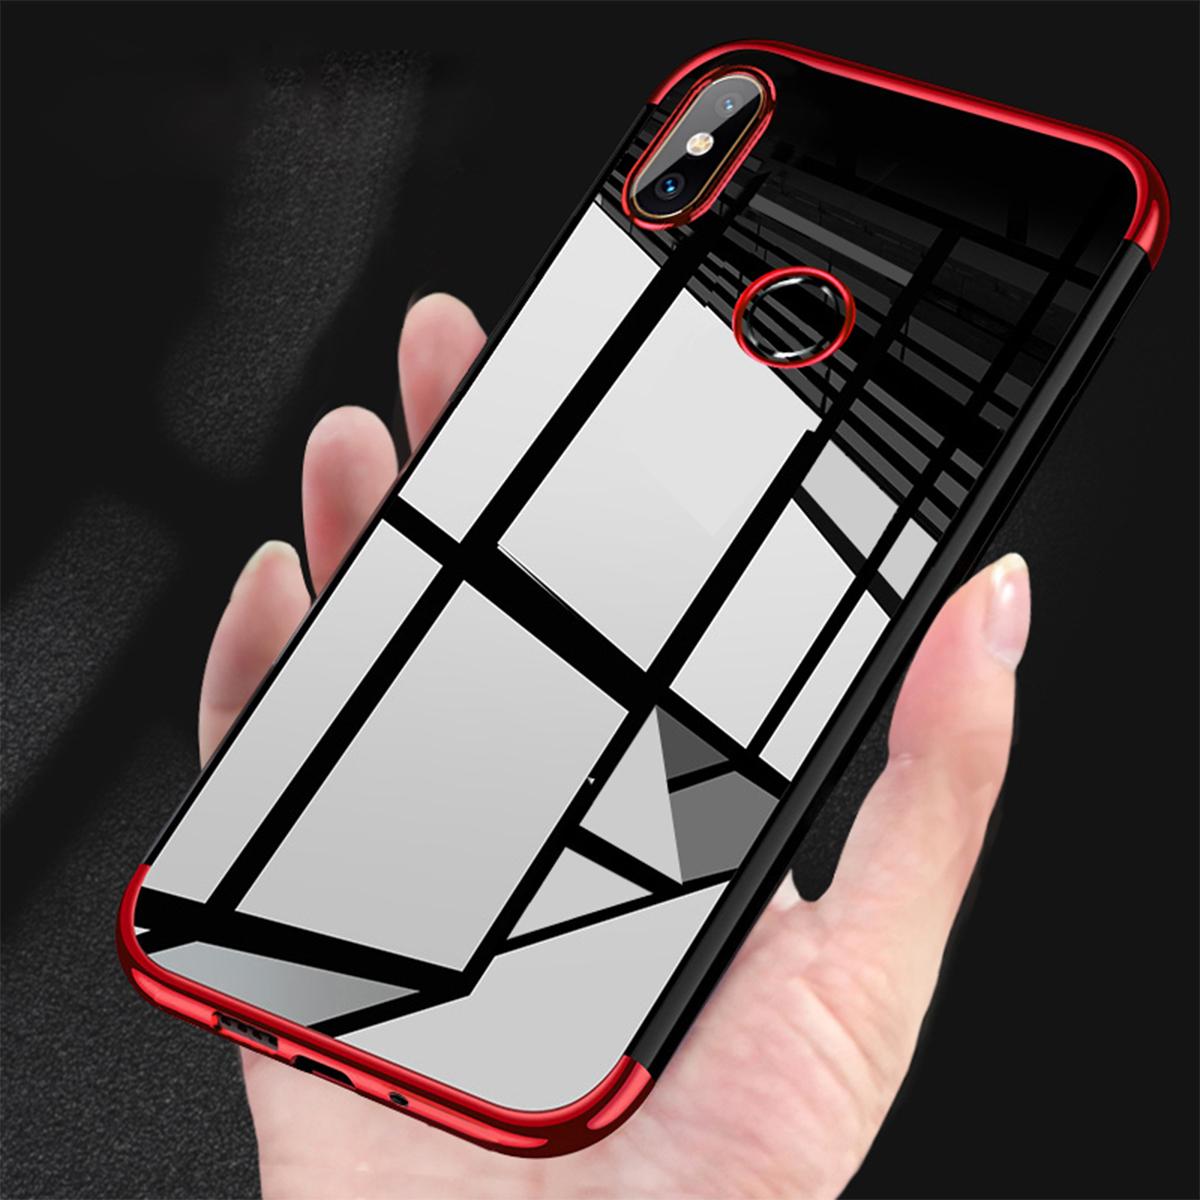 wholesale dealer 6956b 940e5 Xiaomi Mi A2 A2 Lite Mi 8 Electroplate TPU Soft Case Cover Casing Housing